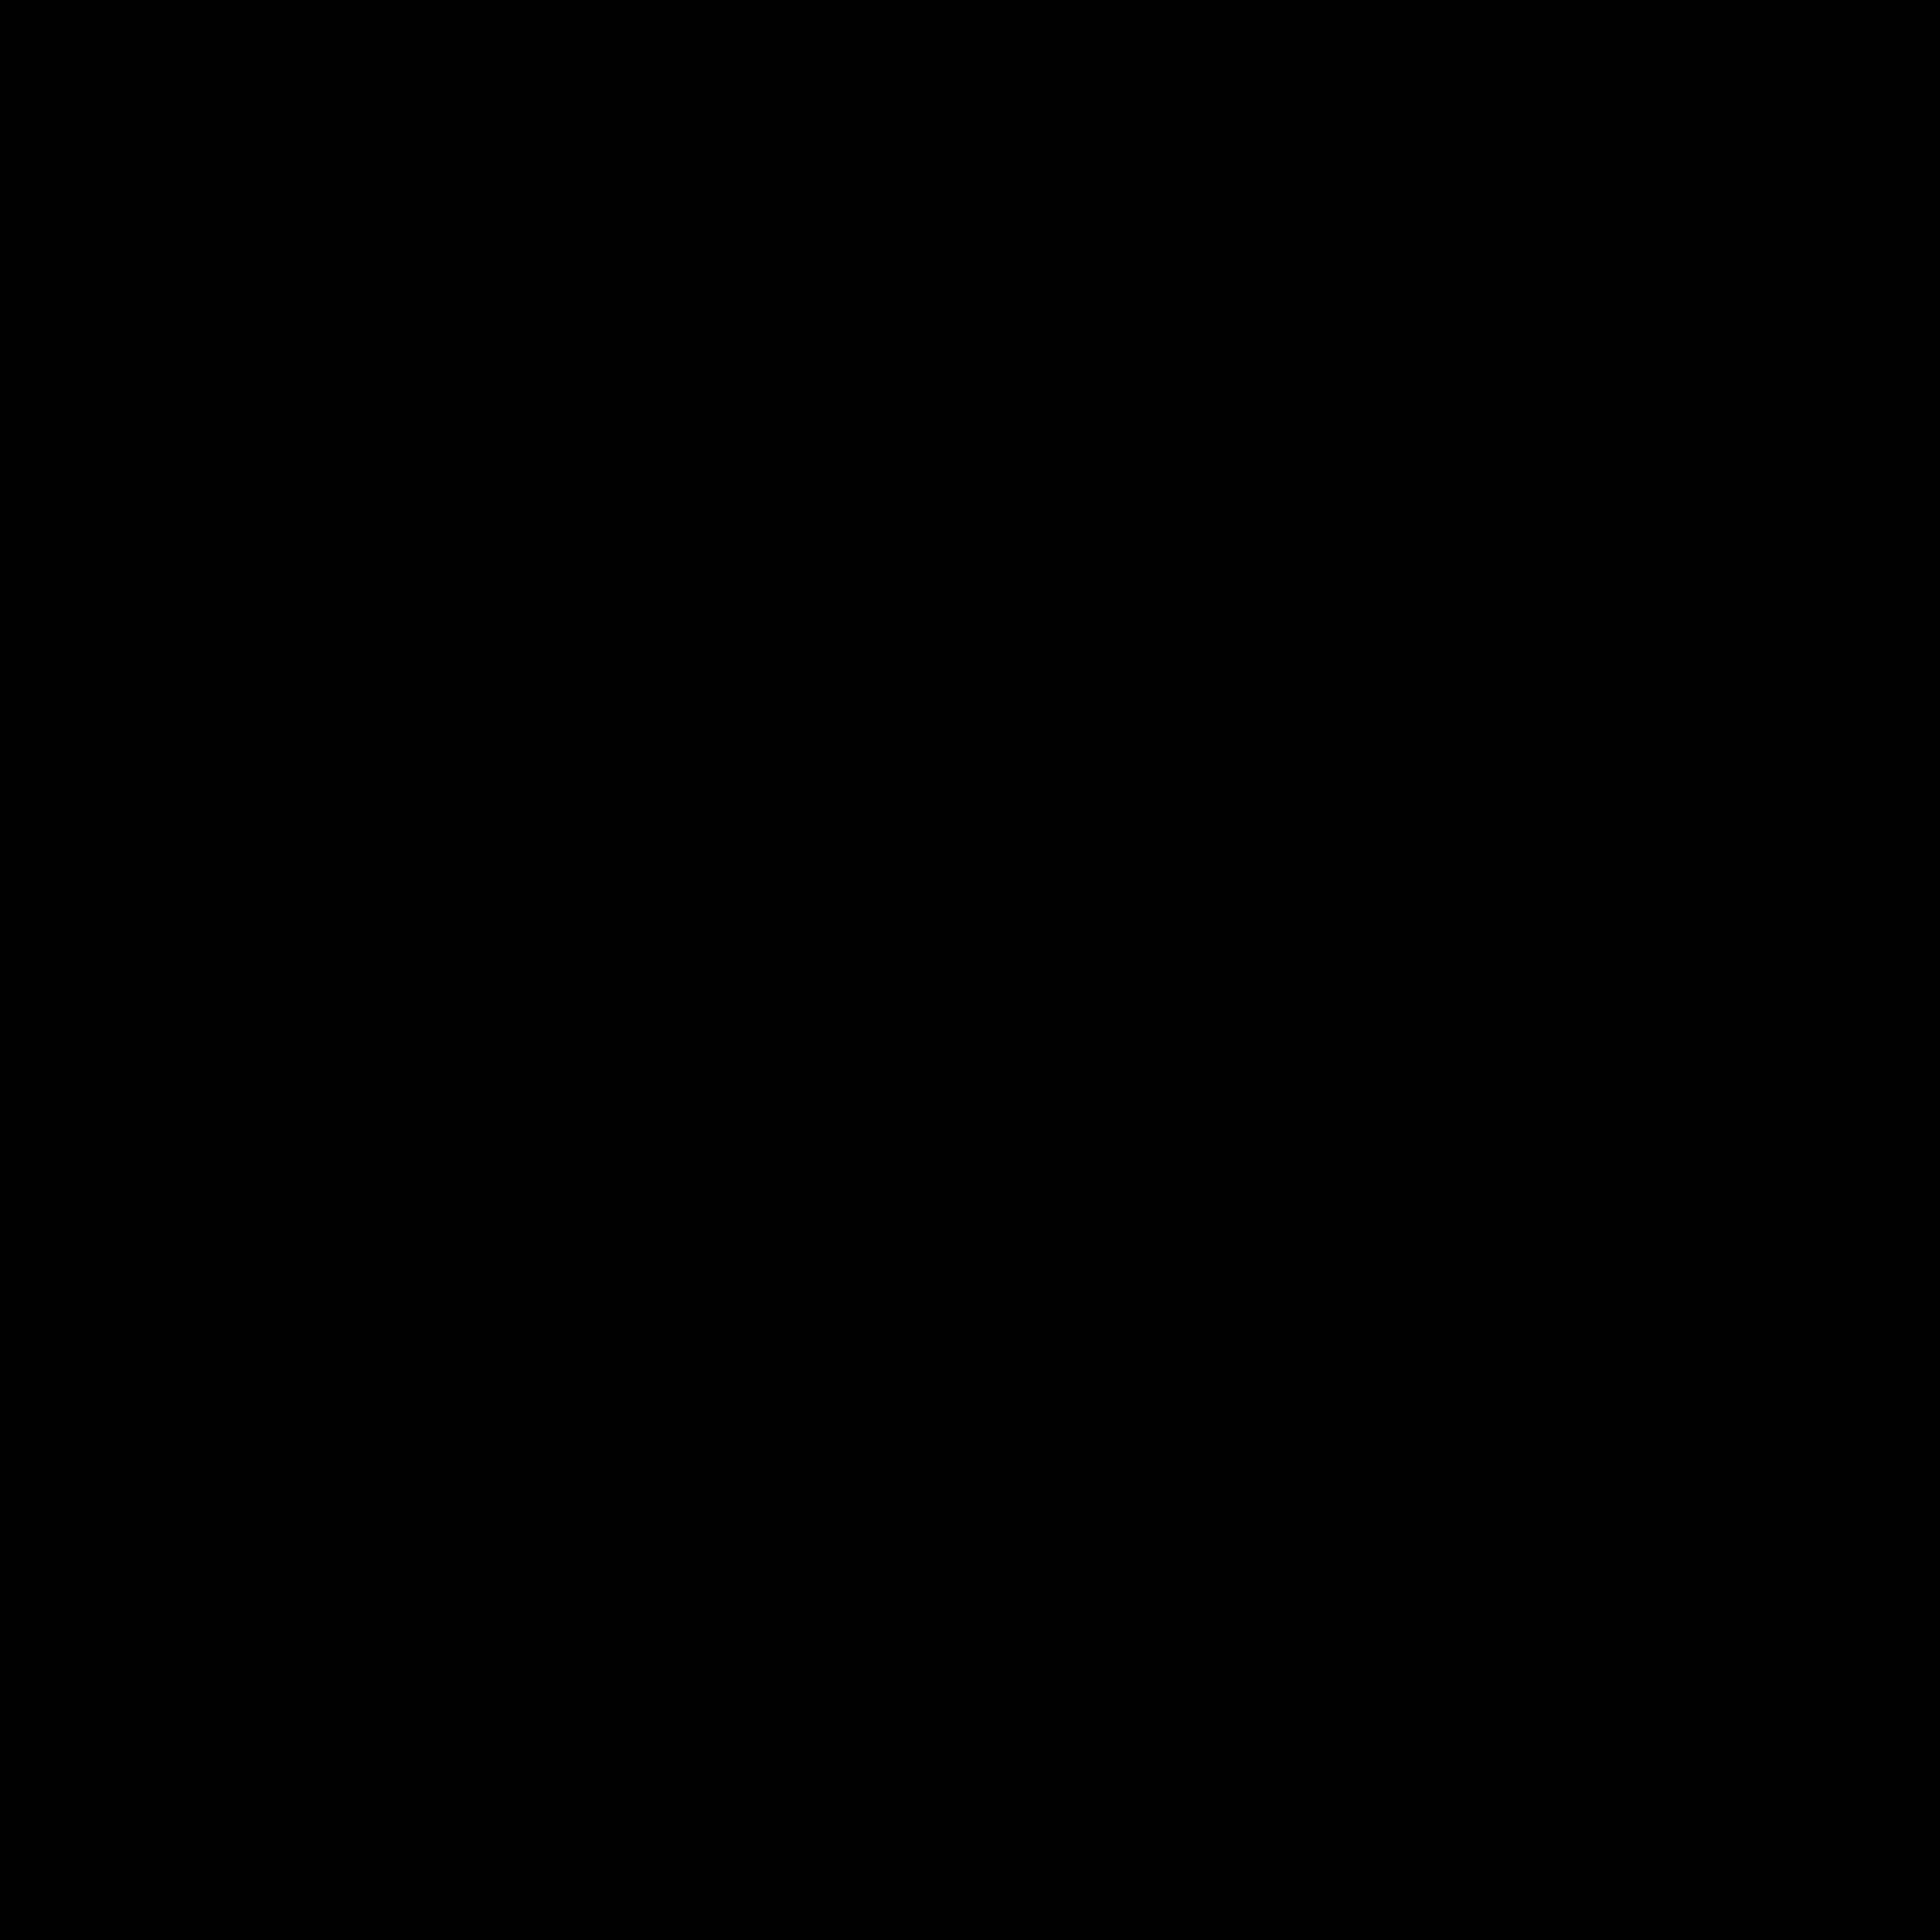 Emoji clipart camera. File emojione bw f